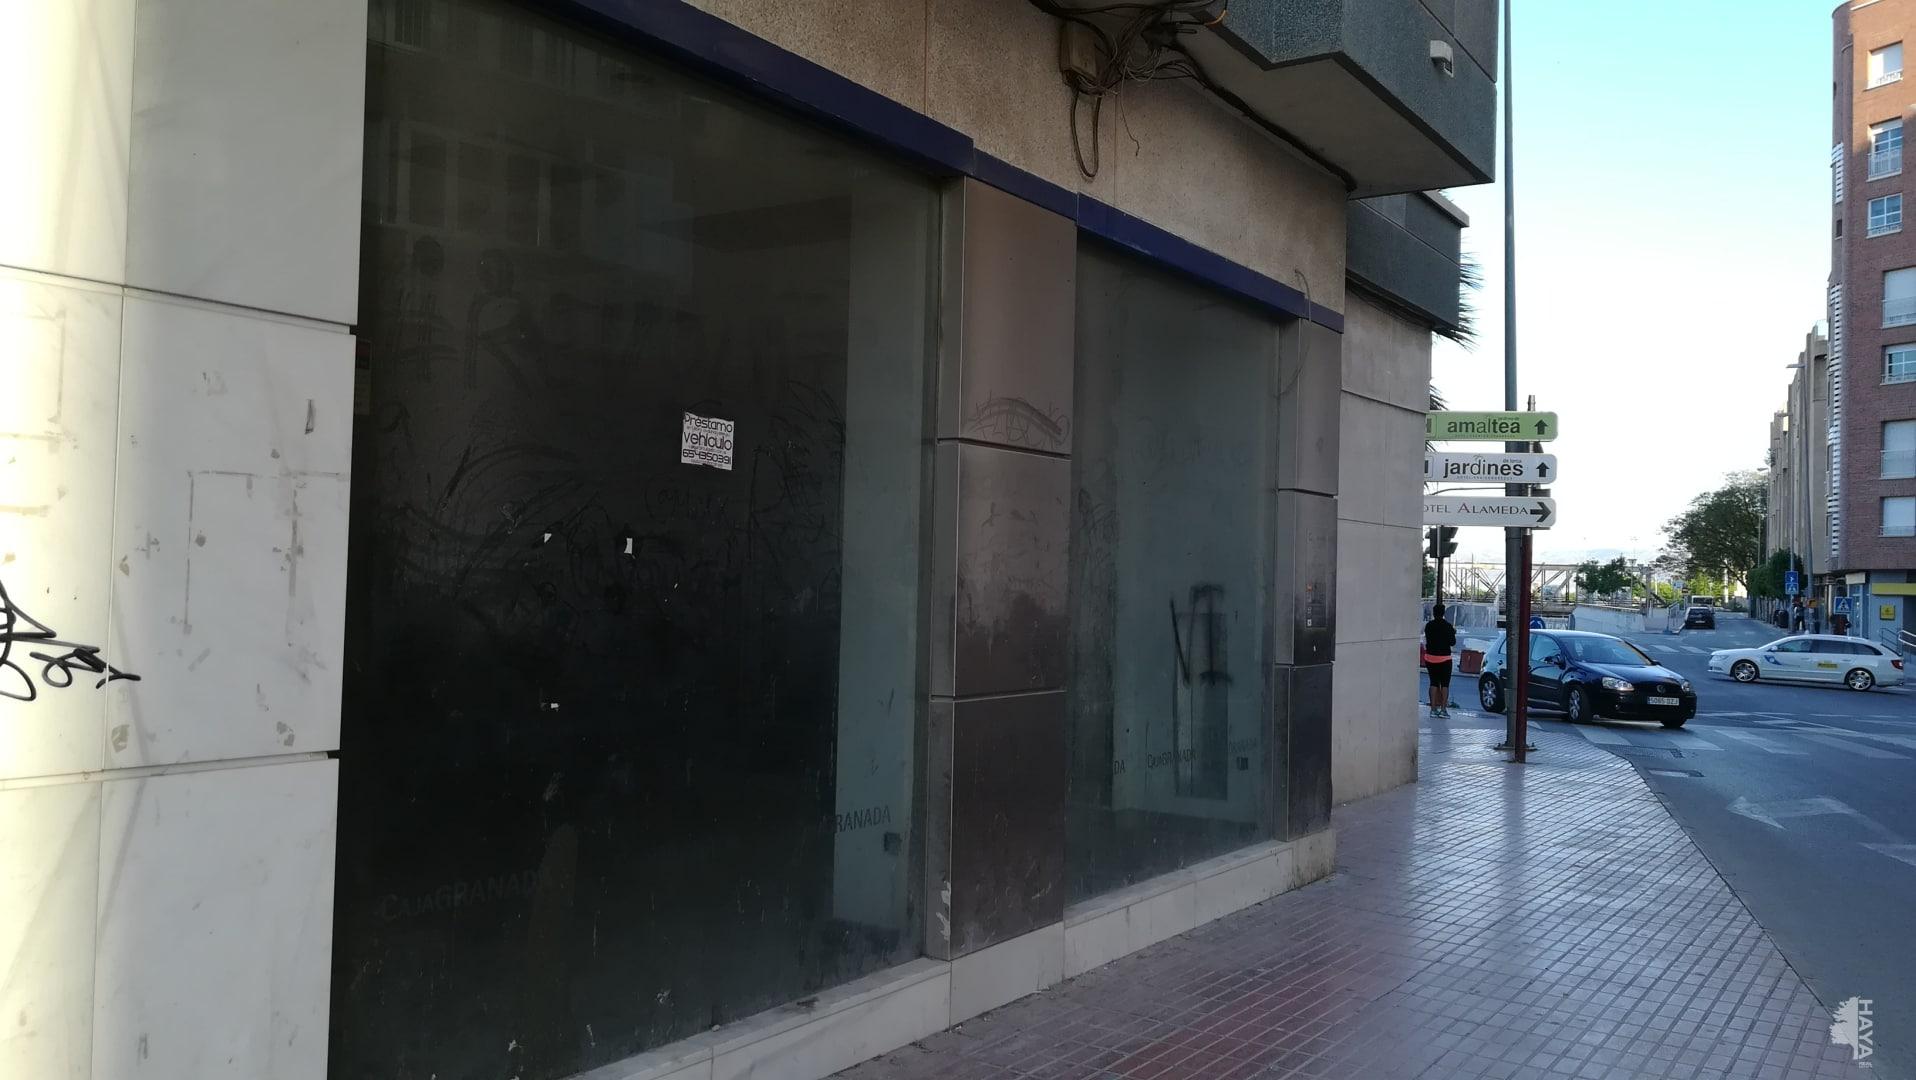 Local en venta en Lorca, Murcia, Travesía Carril de Caldederos, 267.120 €, 111 m2